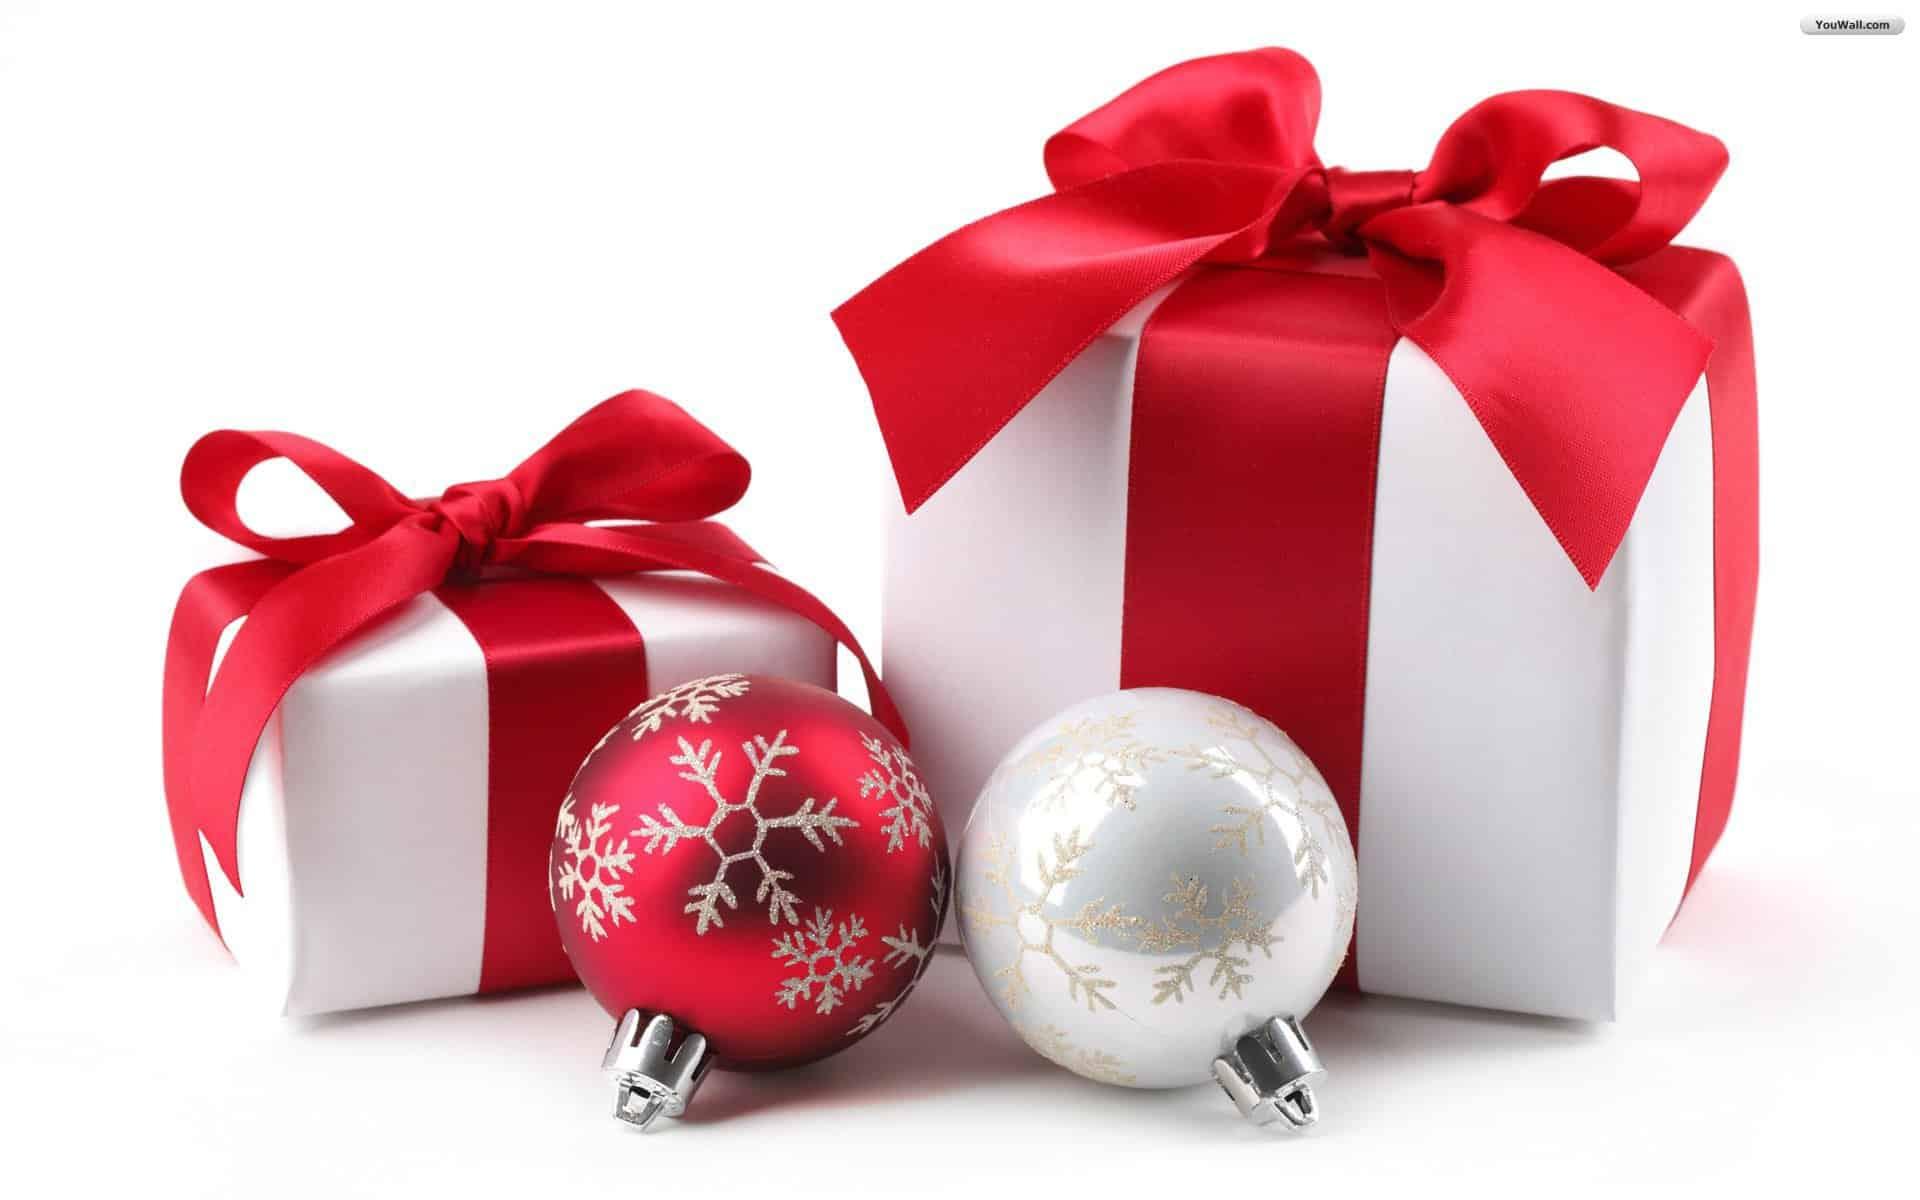 40031ea71 أفكار هدايا للزوجة : كيف اختار هدية لزوجتي ؟ - موسوعة